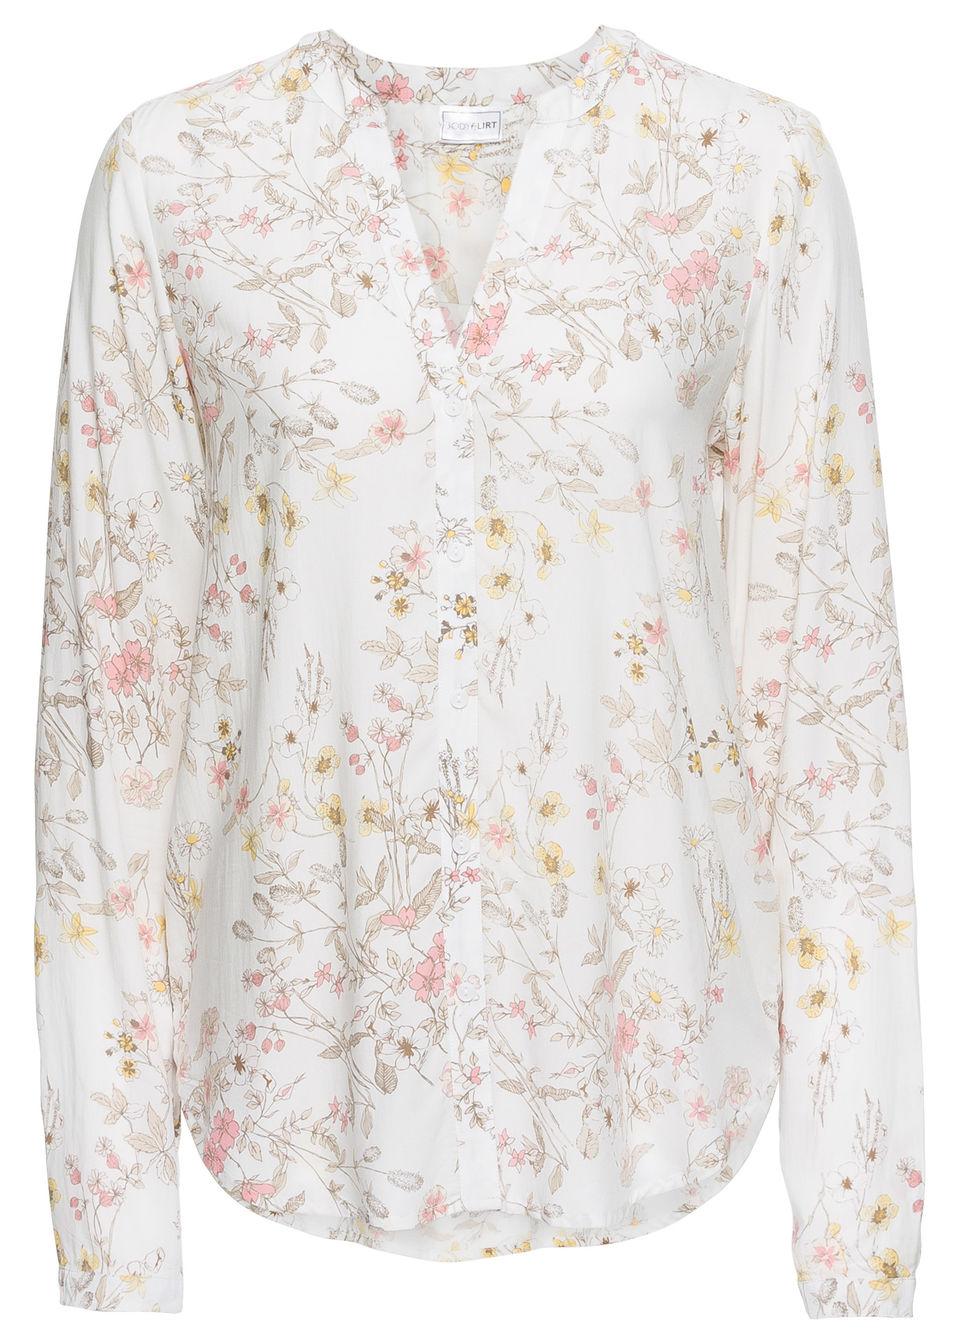 Купить Блузка с принтом по всей поверхности, bonprix, цвет белой шерсти в цветочек